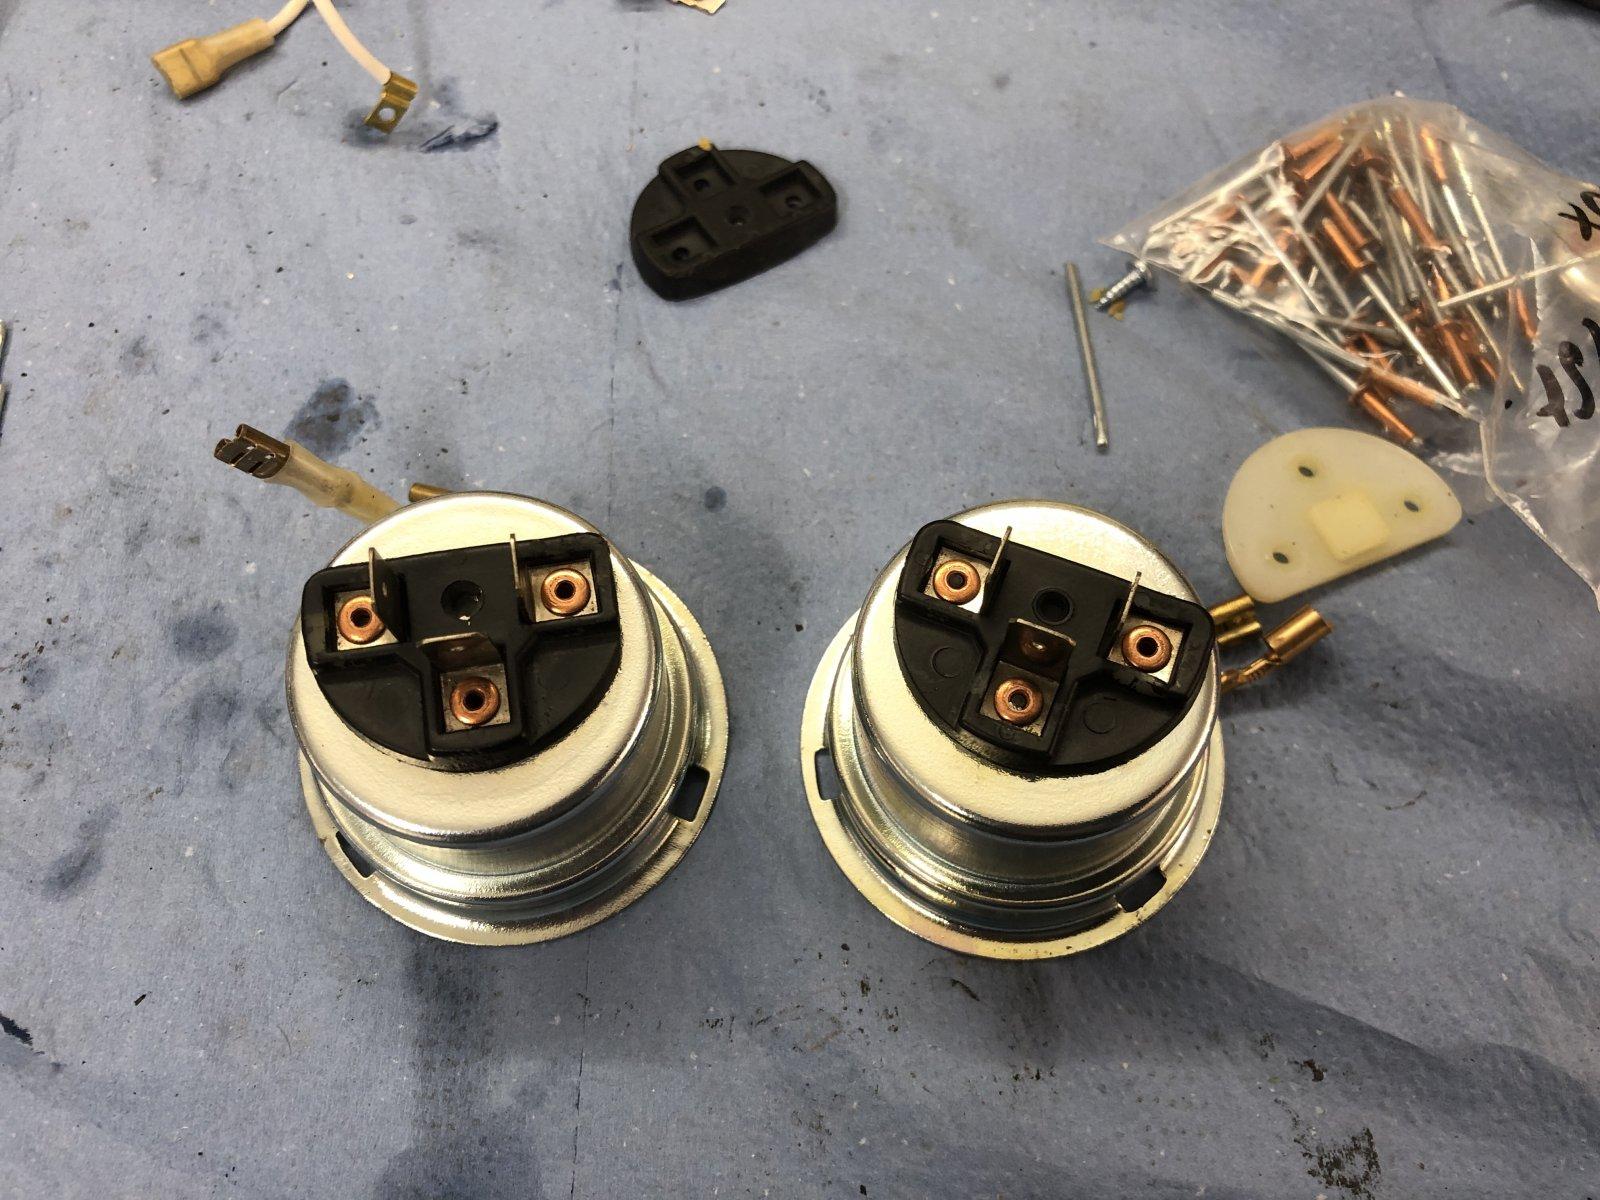 D651260B-6E22-4E1A-AD9F-9605D6F99752.jpeg